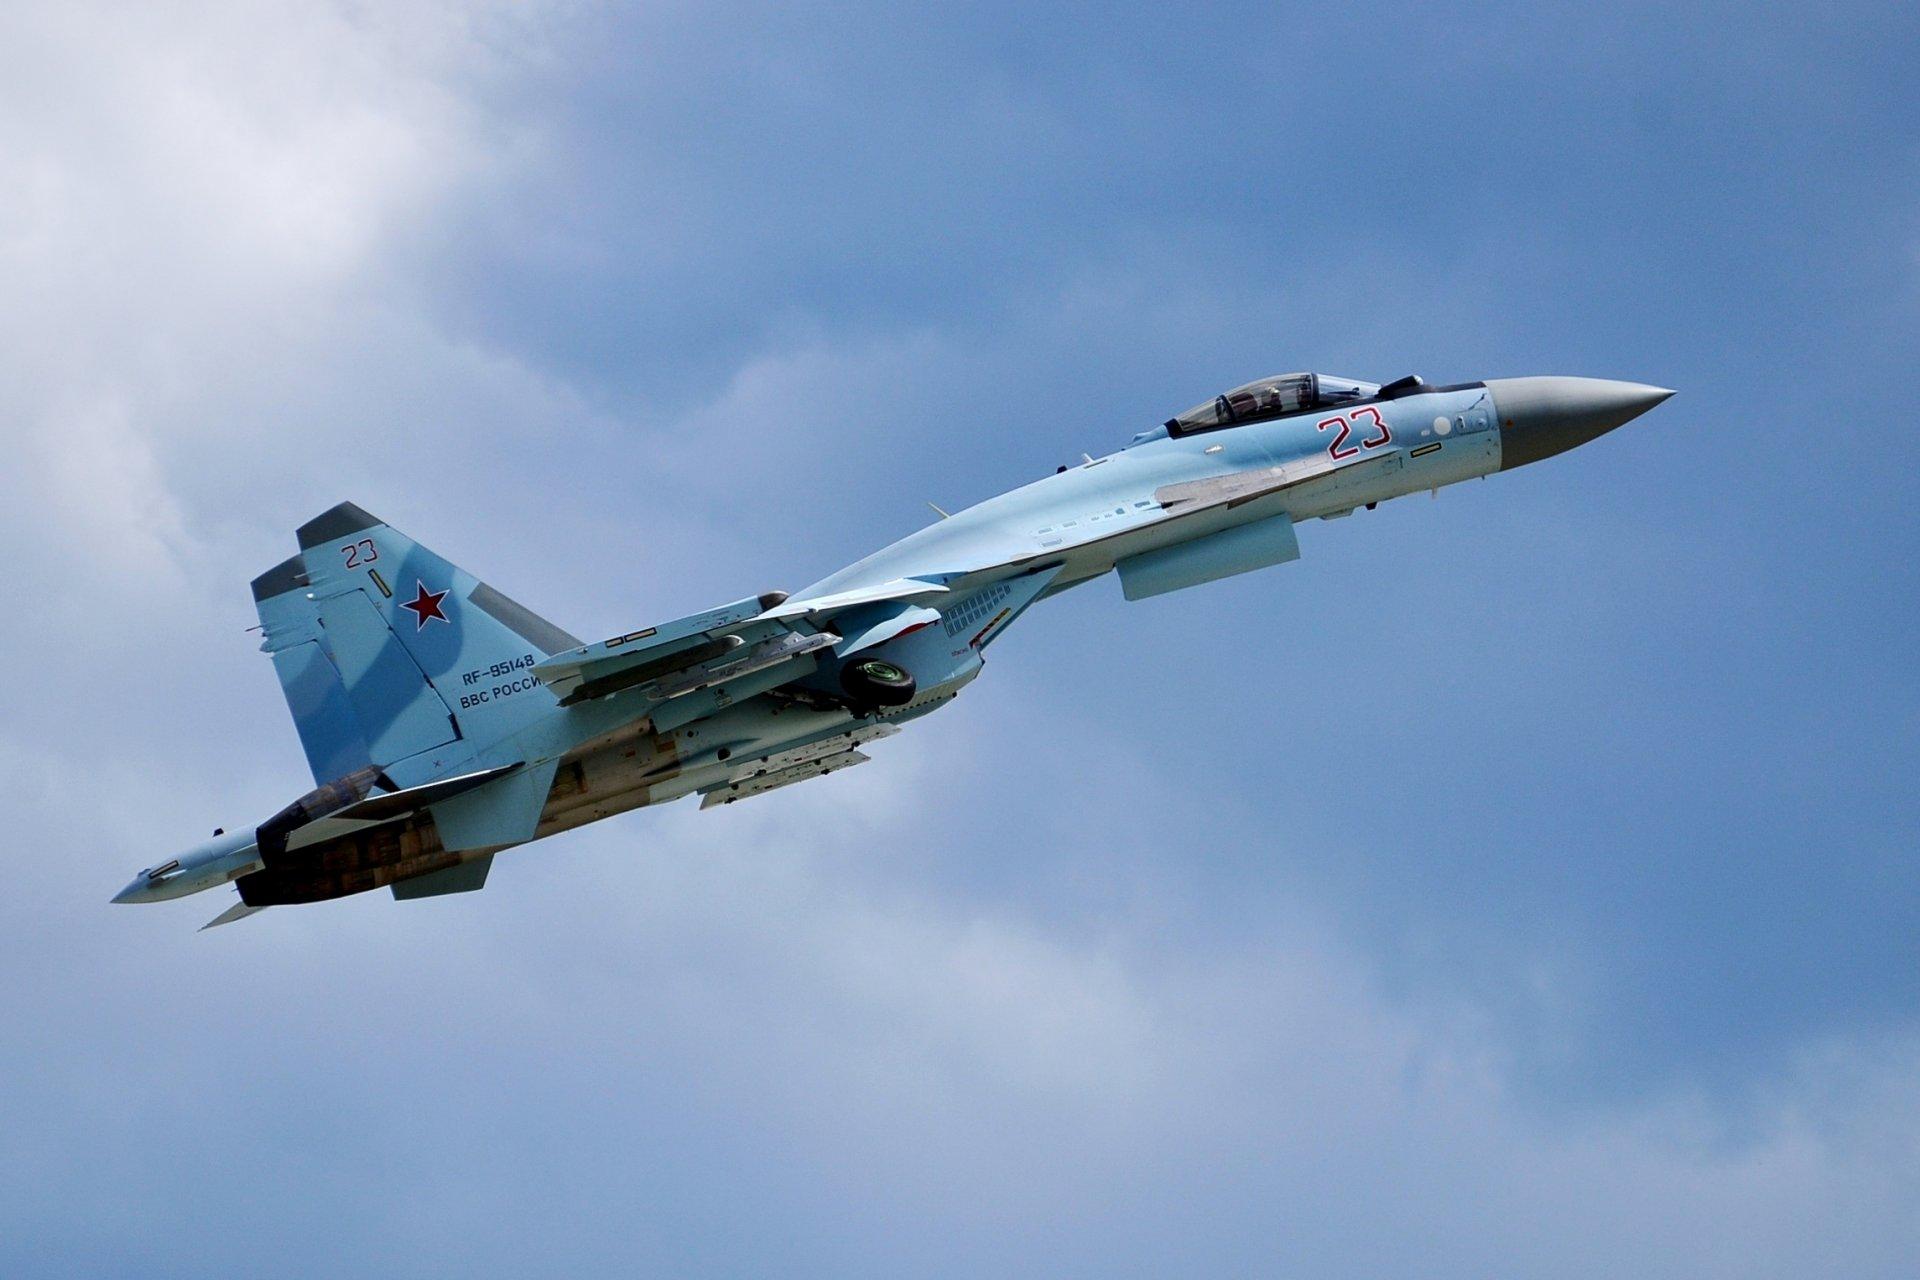 Обои сверхманевренный, Самолёт, многоцелевой, Su-35. Авиация foto 8